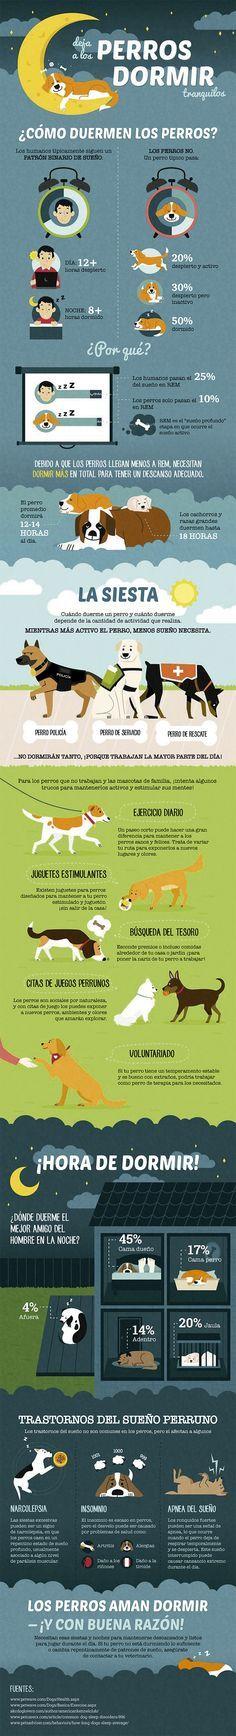 Algunos datos acerca del sueño de los perros que deberías saber